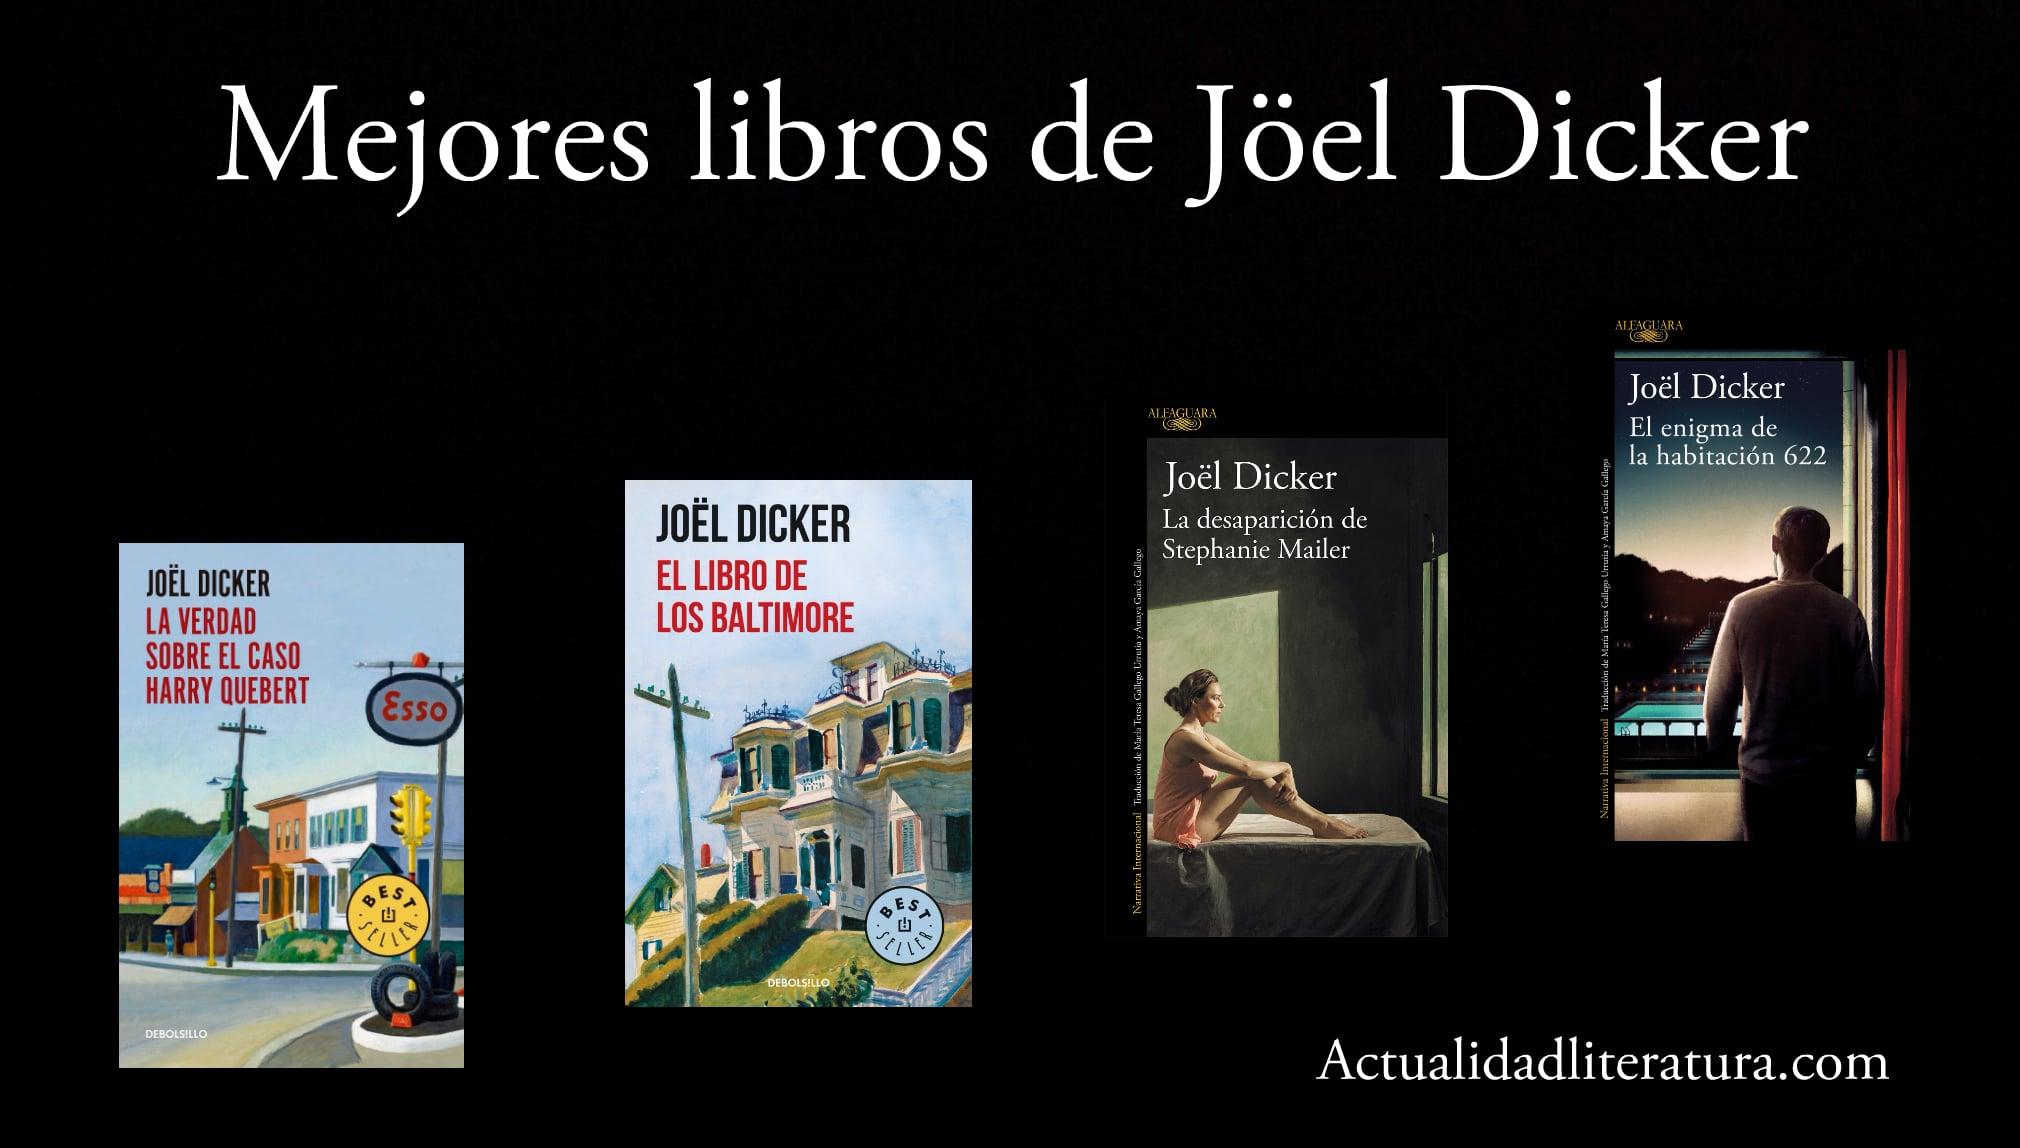 Mejores libros de Jöel Dicker